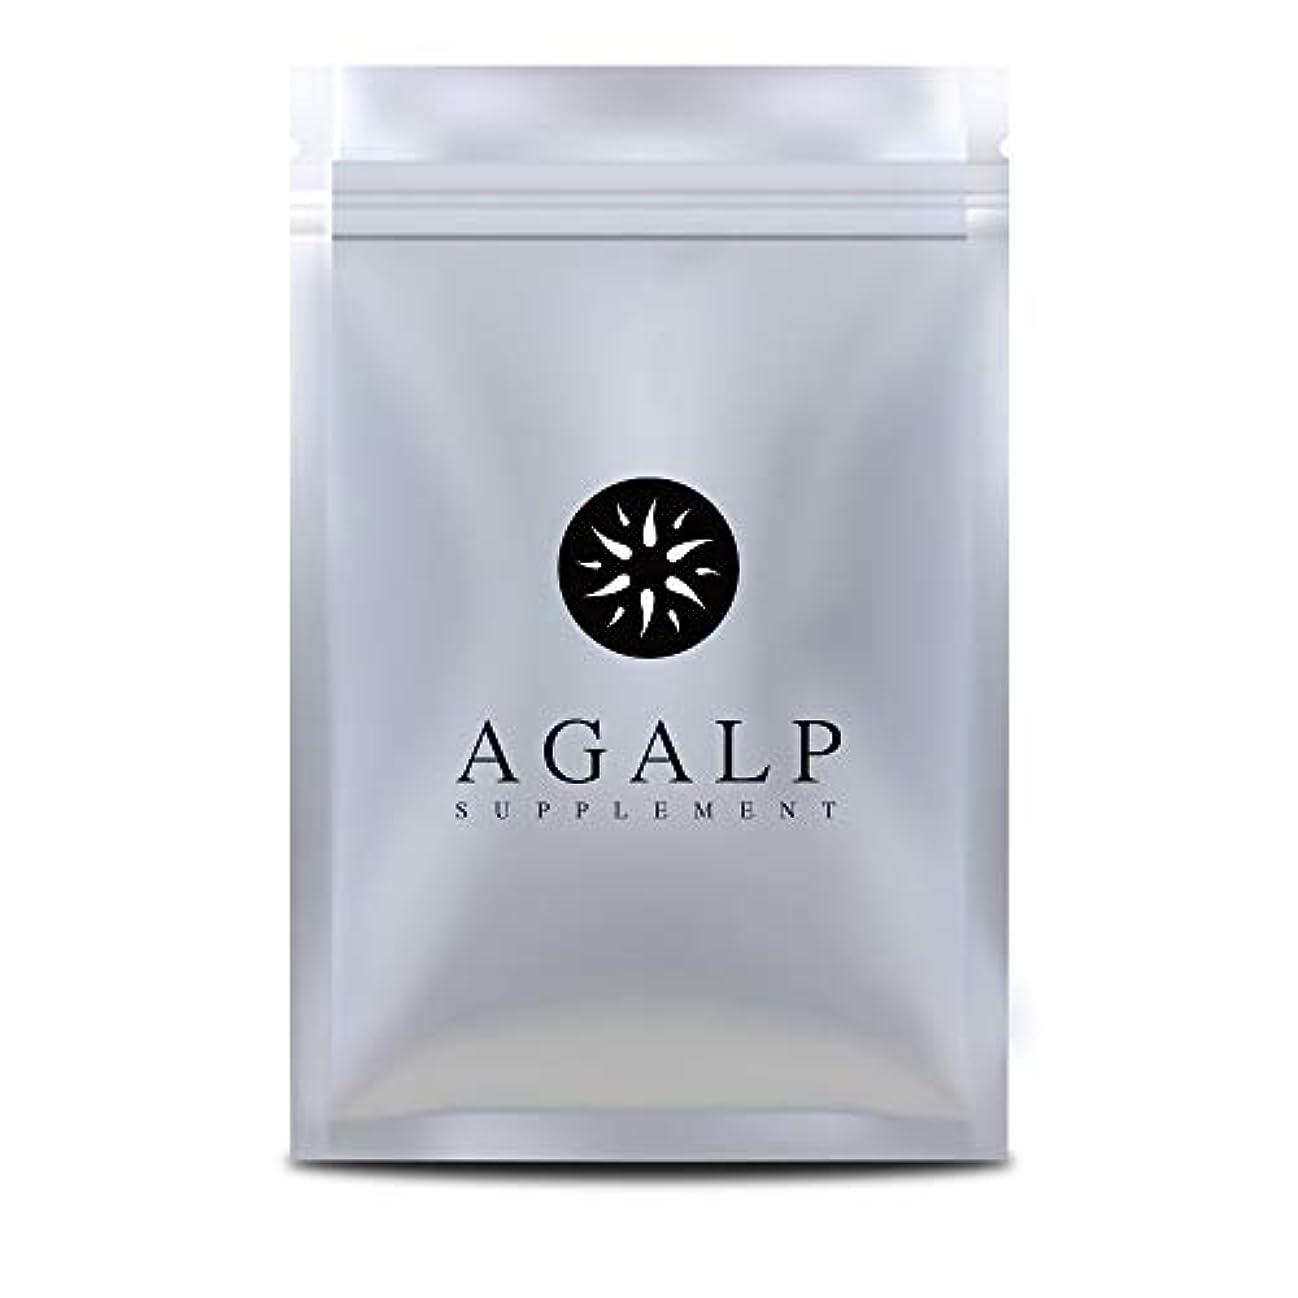 昆虫嫌がる機械【公式】NEW AGALP(アガルプ) ノコギリヤシ 亜鉛 ブロッコリースプラウト 120粒x1袋(30日分)【栄養機能食品】